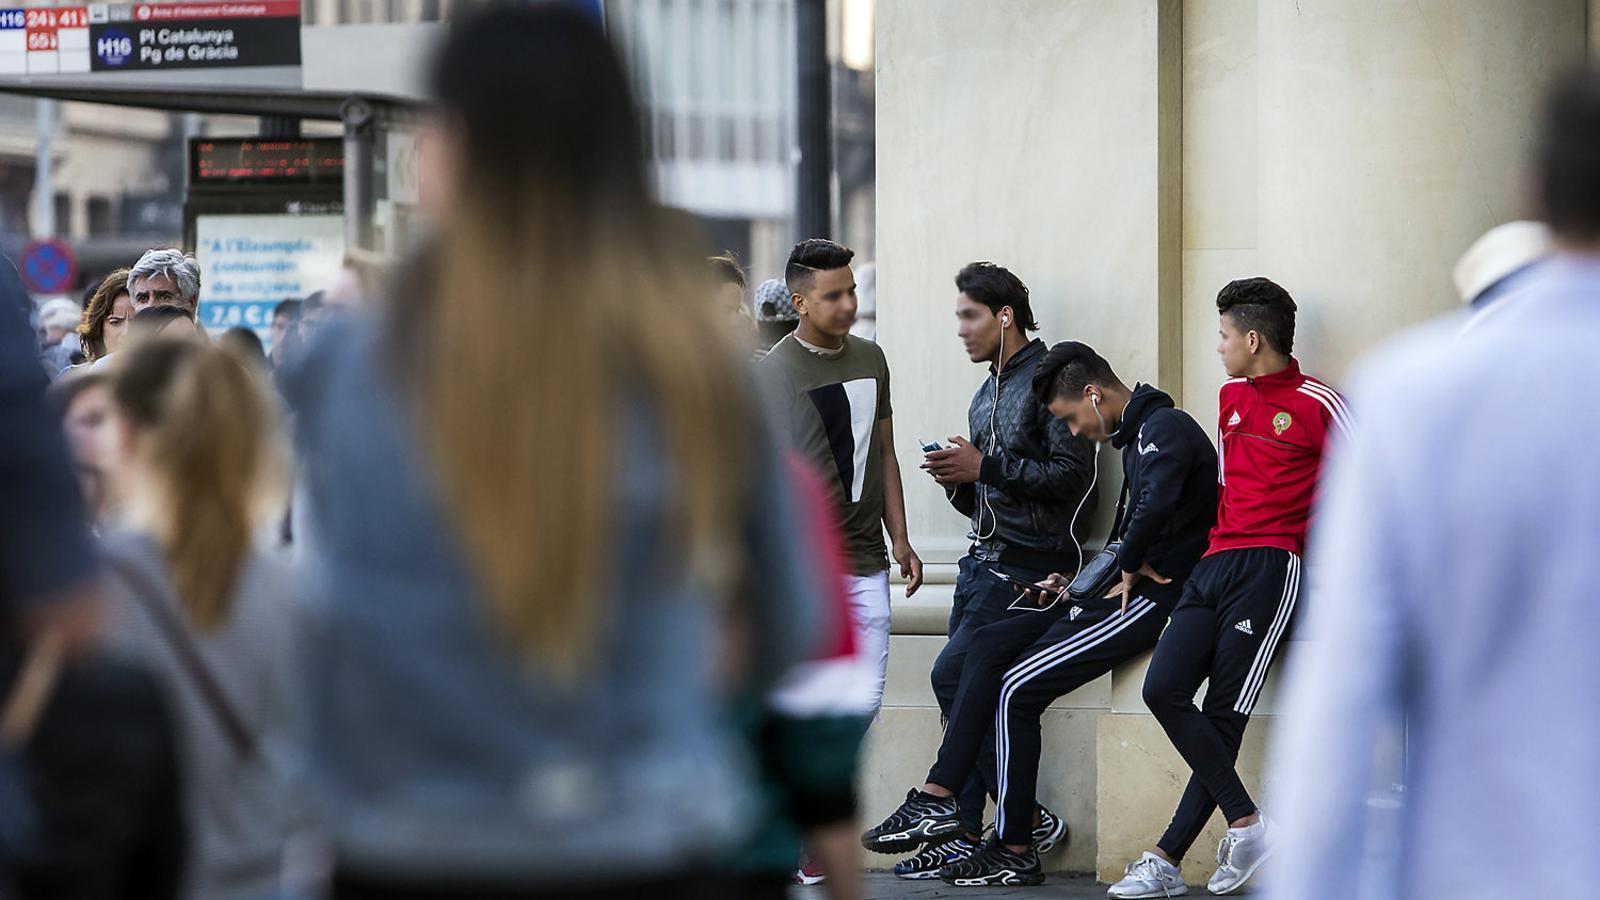 L'acollida dels joves immigrants enfronta les administracions